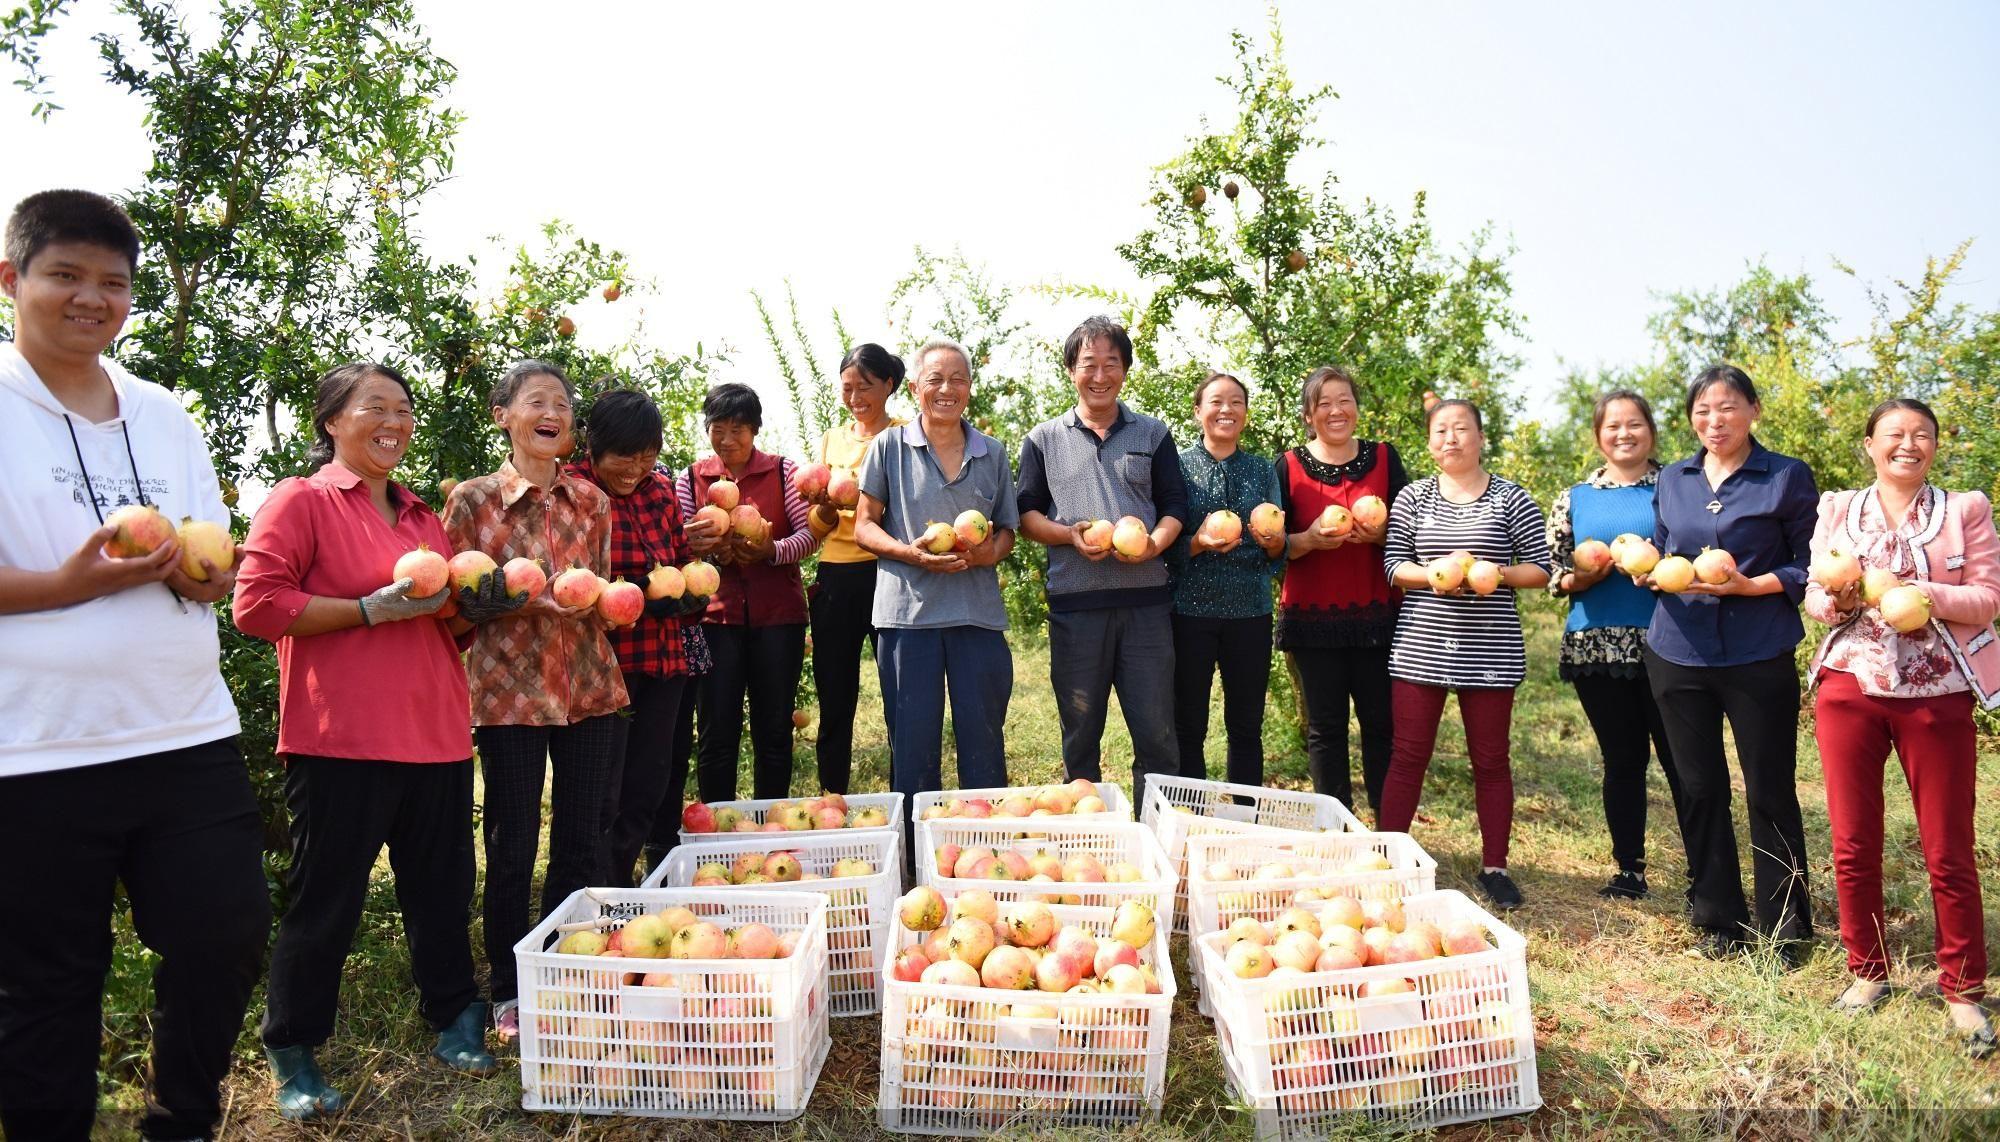 淅川县丹亚湖软籽石榴种植基地,果农们享受丰收的喜悦。中共淅川县委宣传部供图